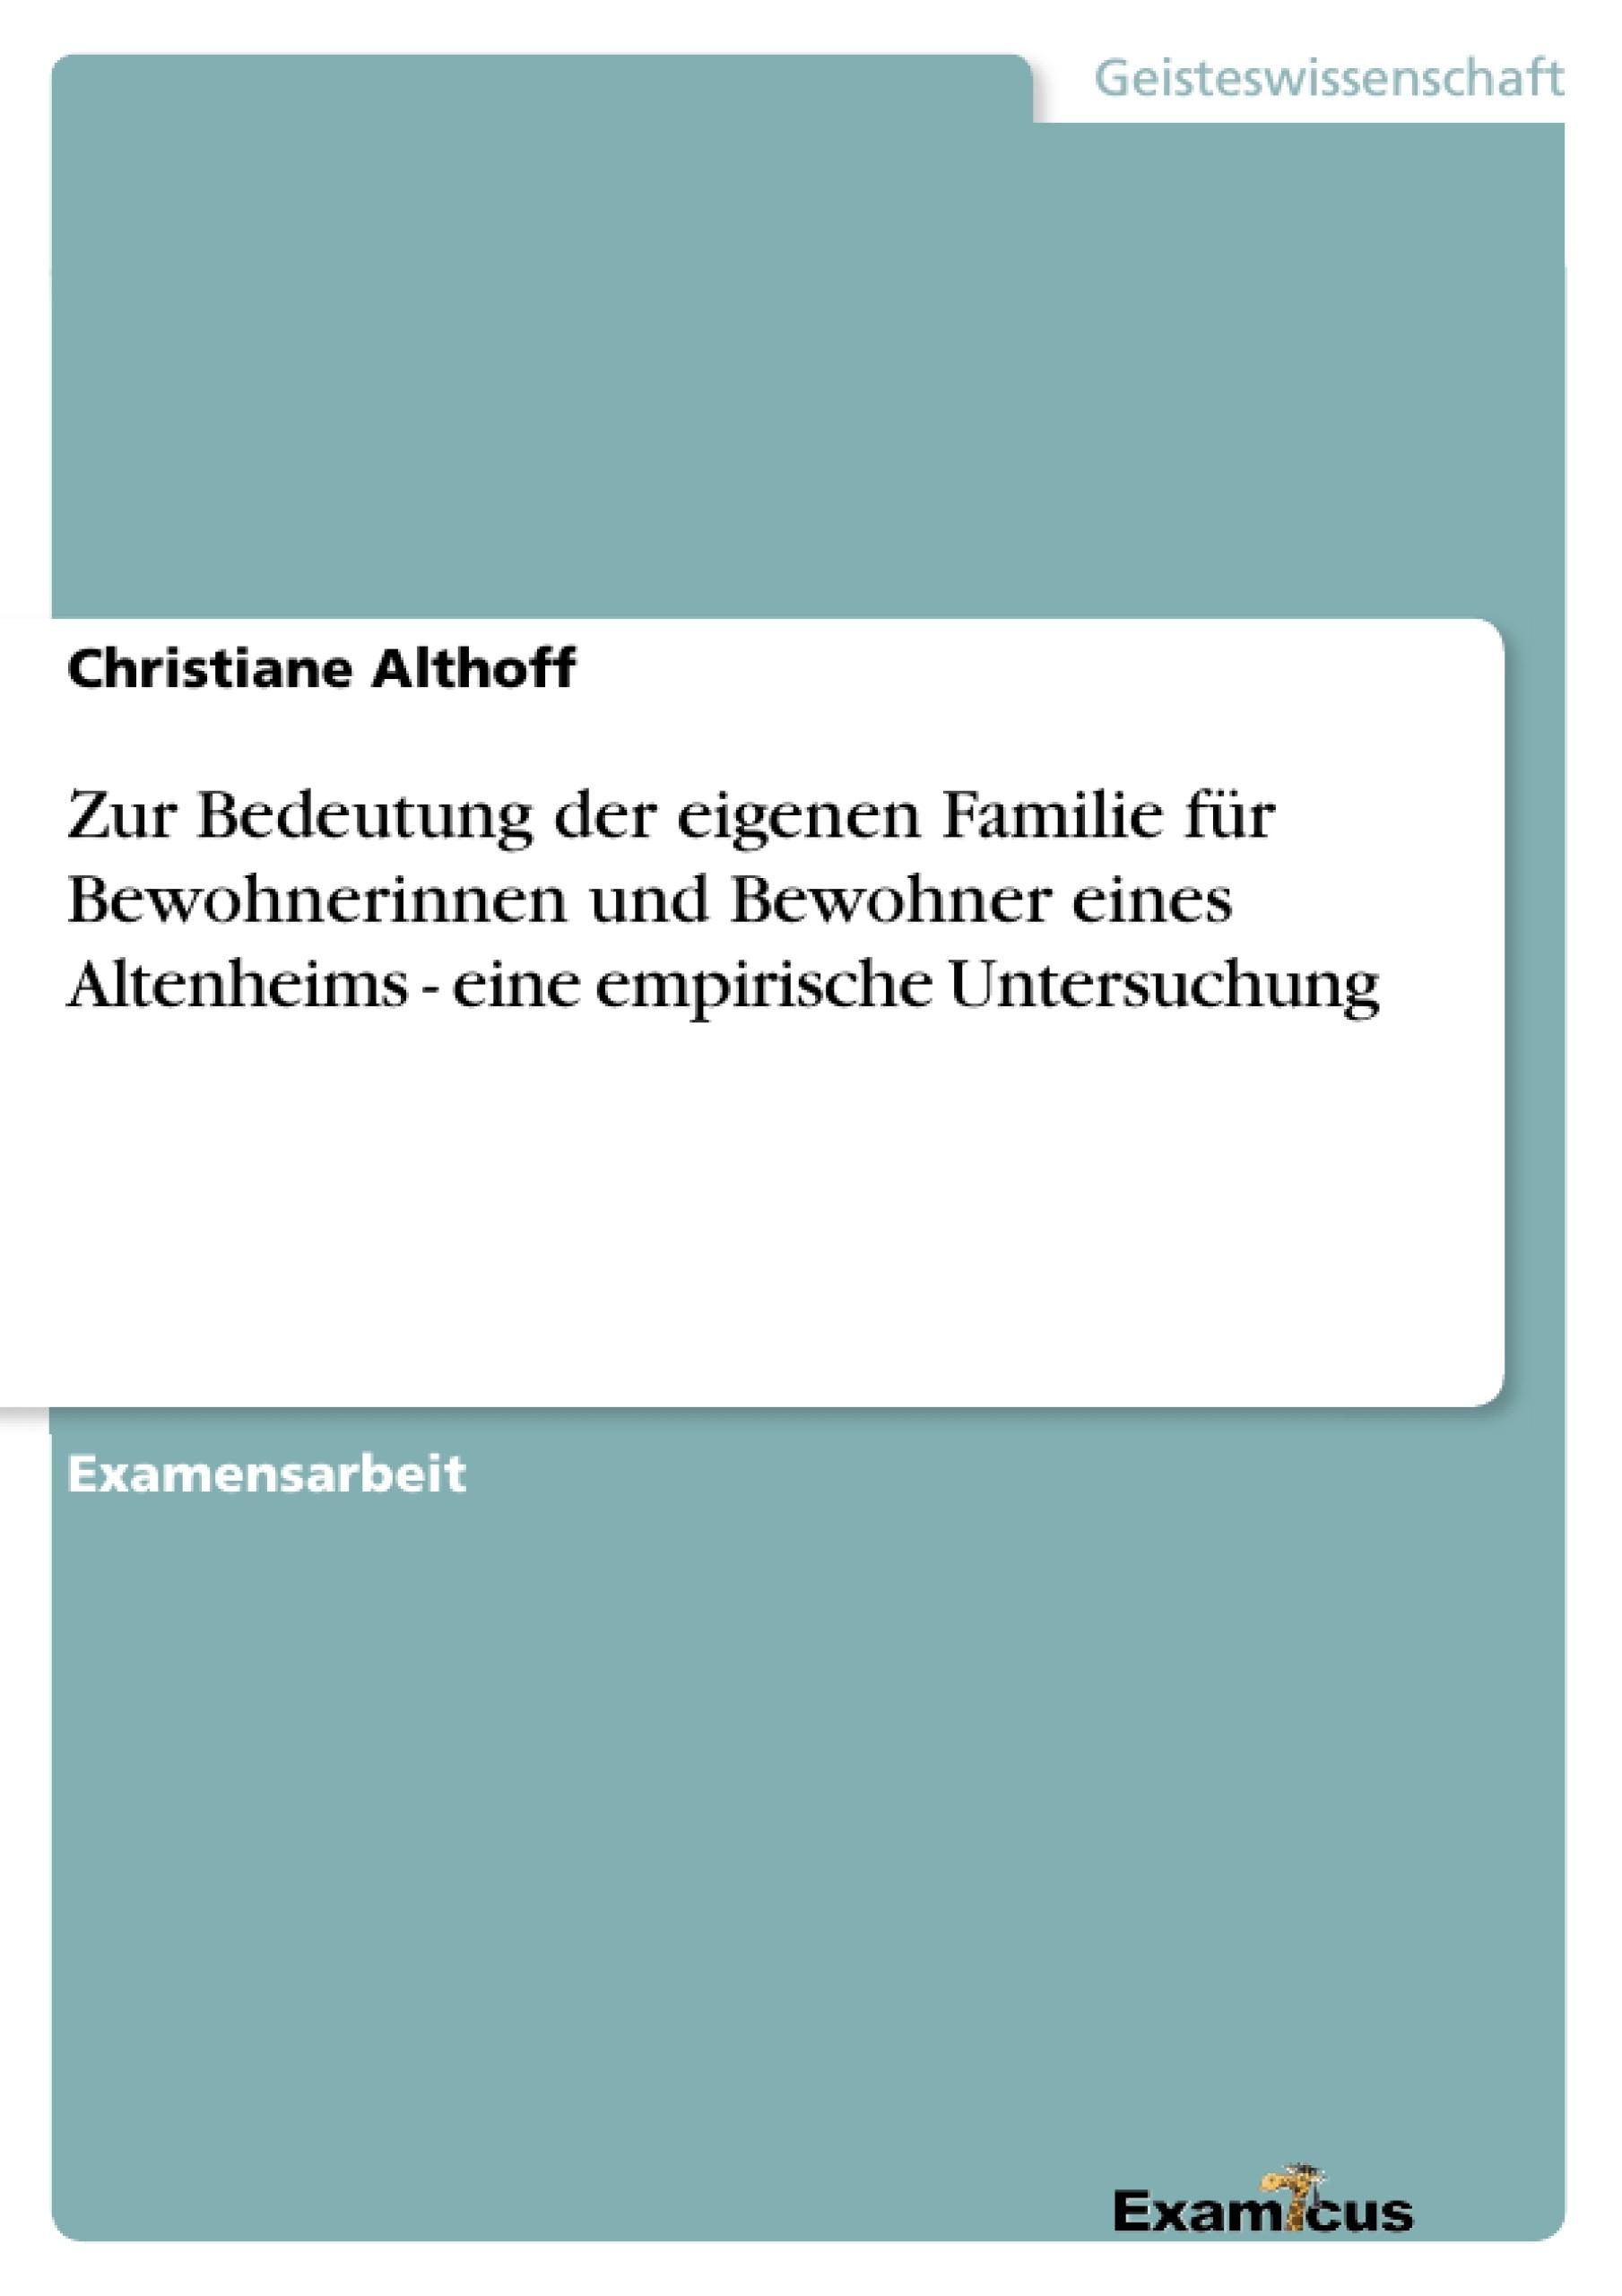 Titel: Zur Bedeutung der eigenen Familie für Bewohnerinnen und Bewohner eines Altenheims - eine empirische Untersuchung